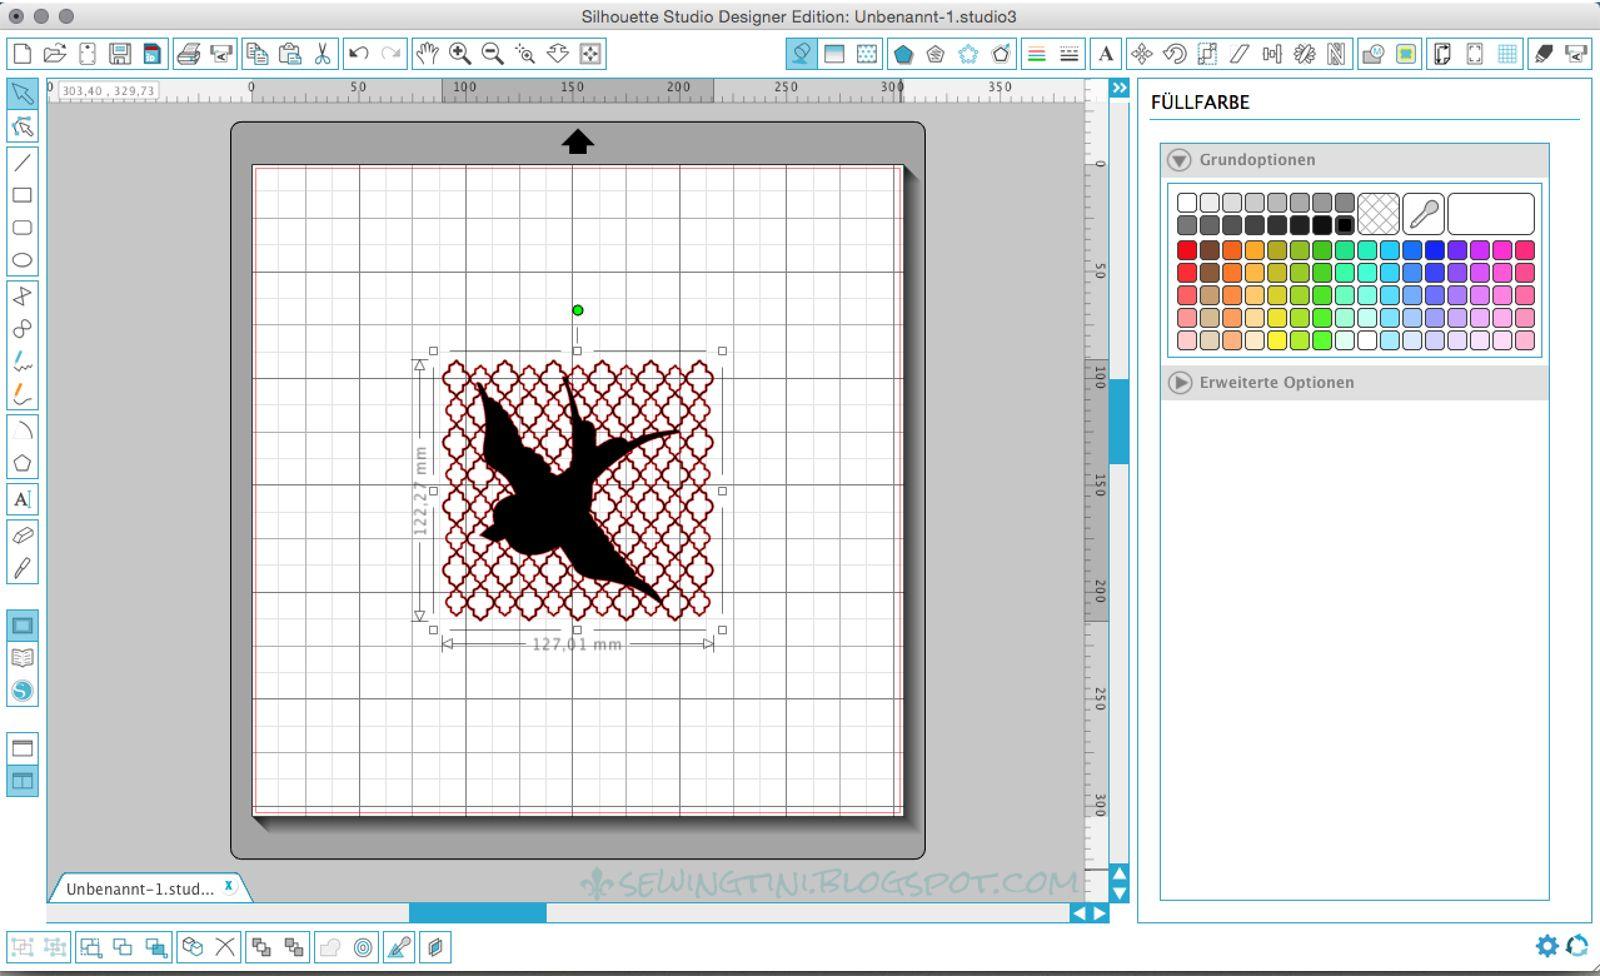 Silhouette Studio Plotter Tutorial zum bearbeiten von Formen und ...